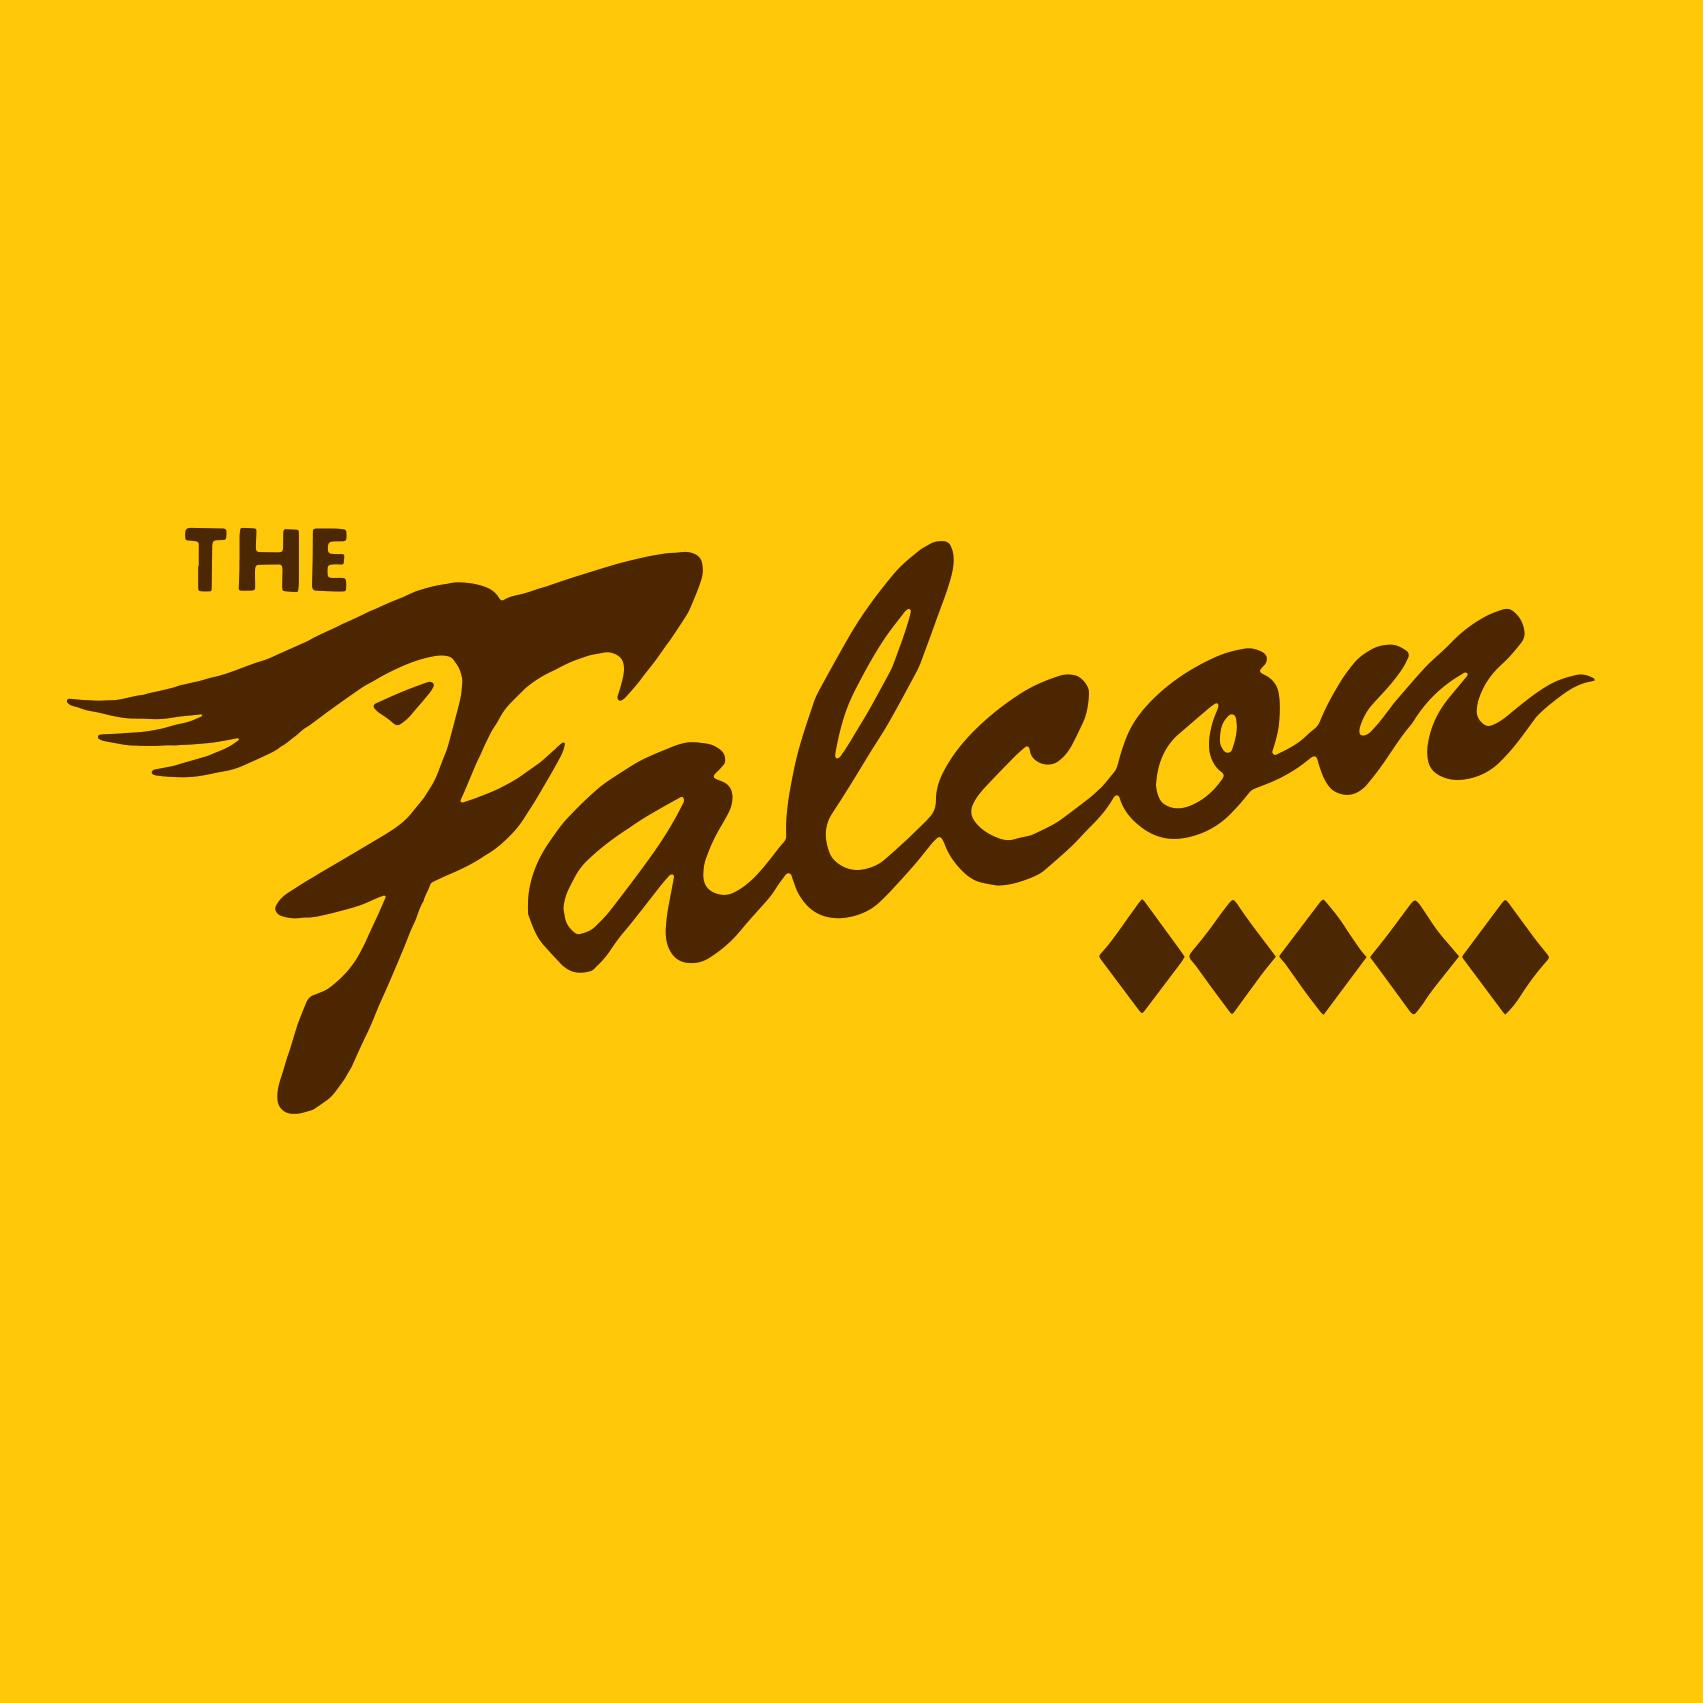 THE FALCON LOGO.jpg